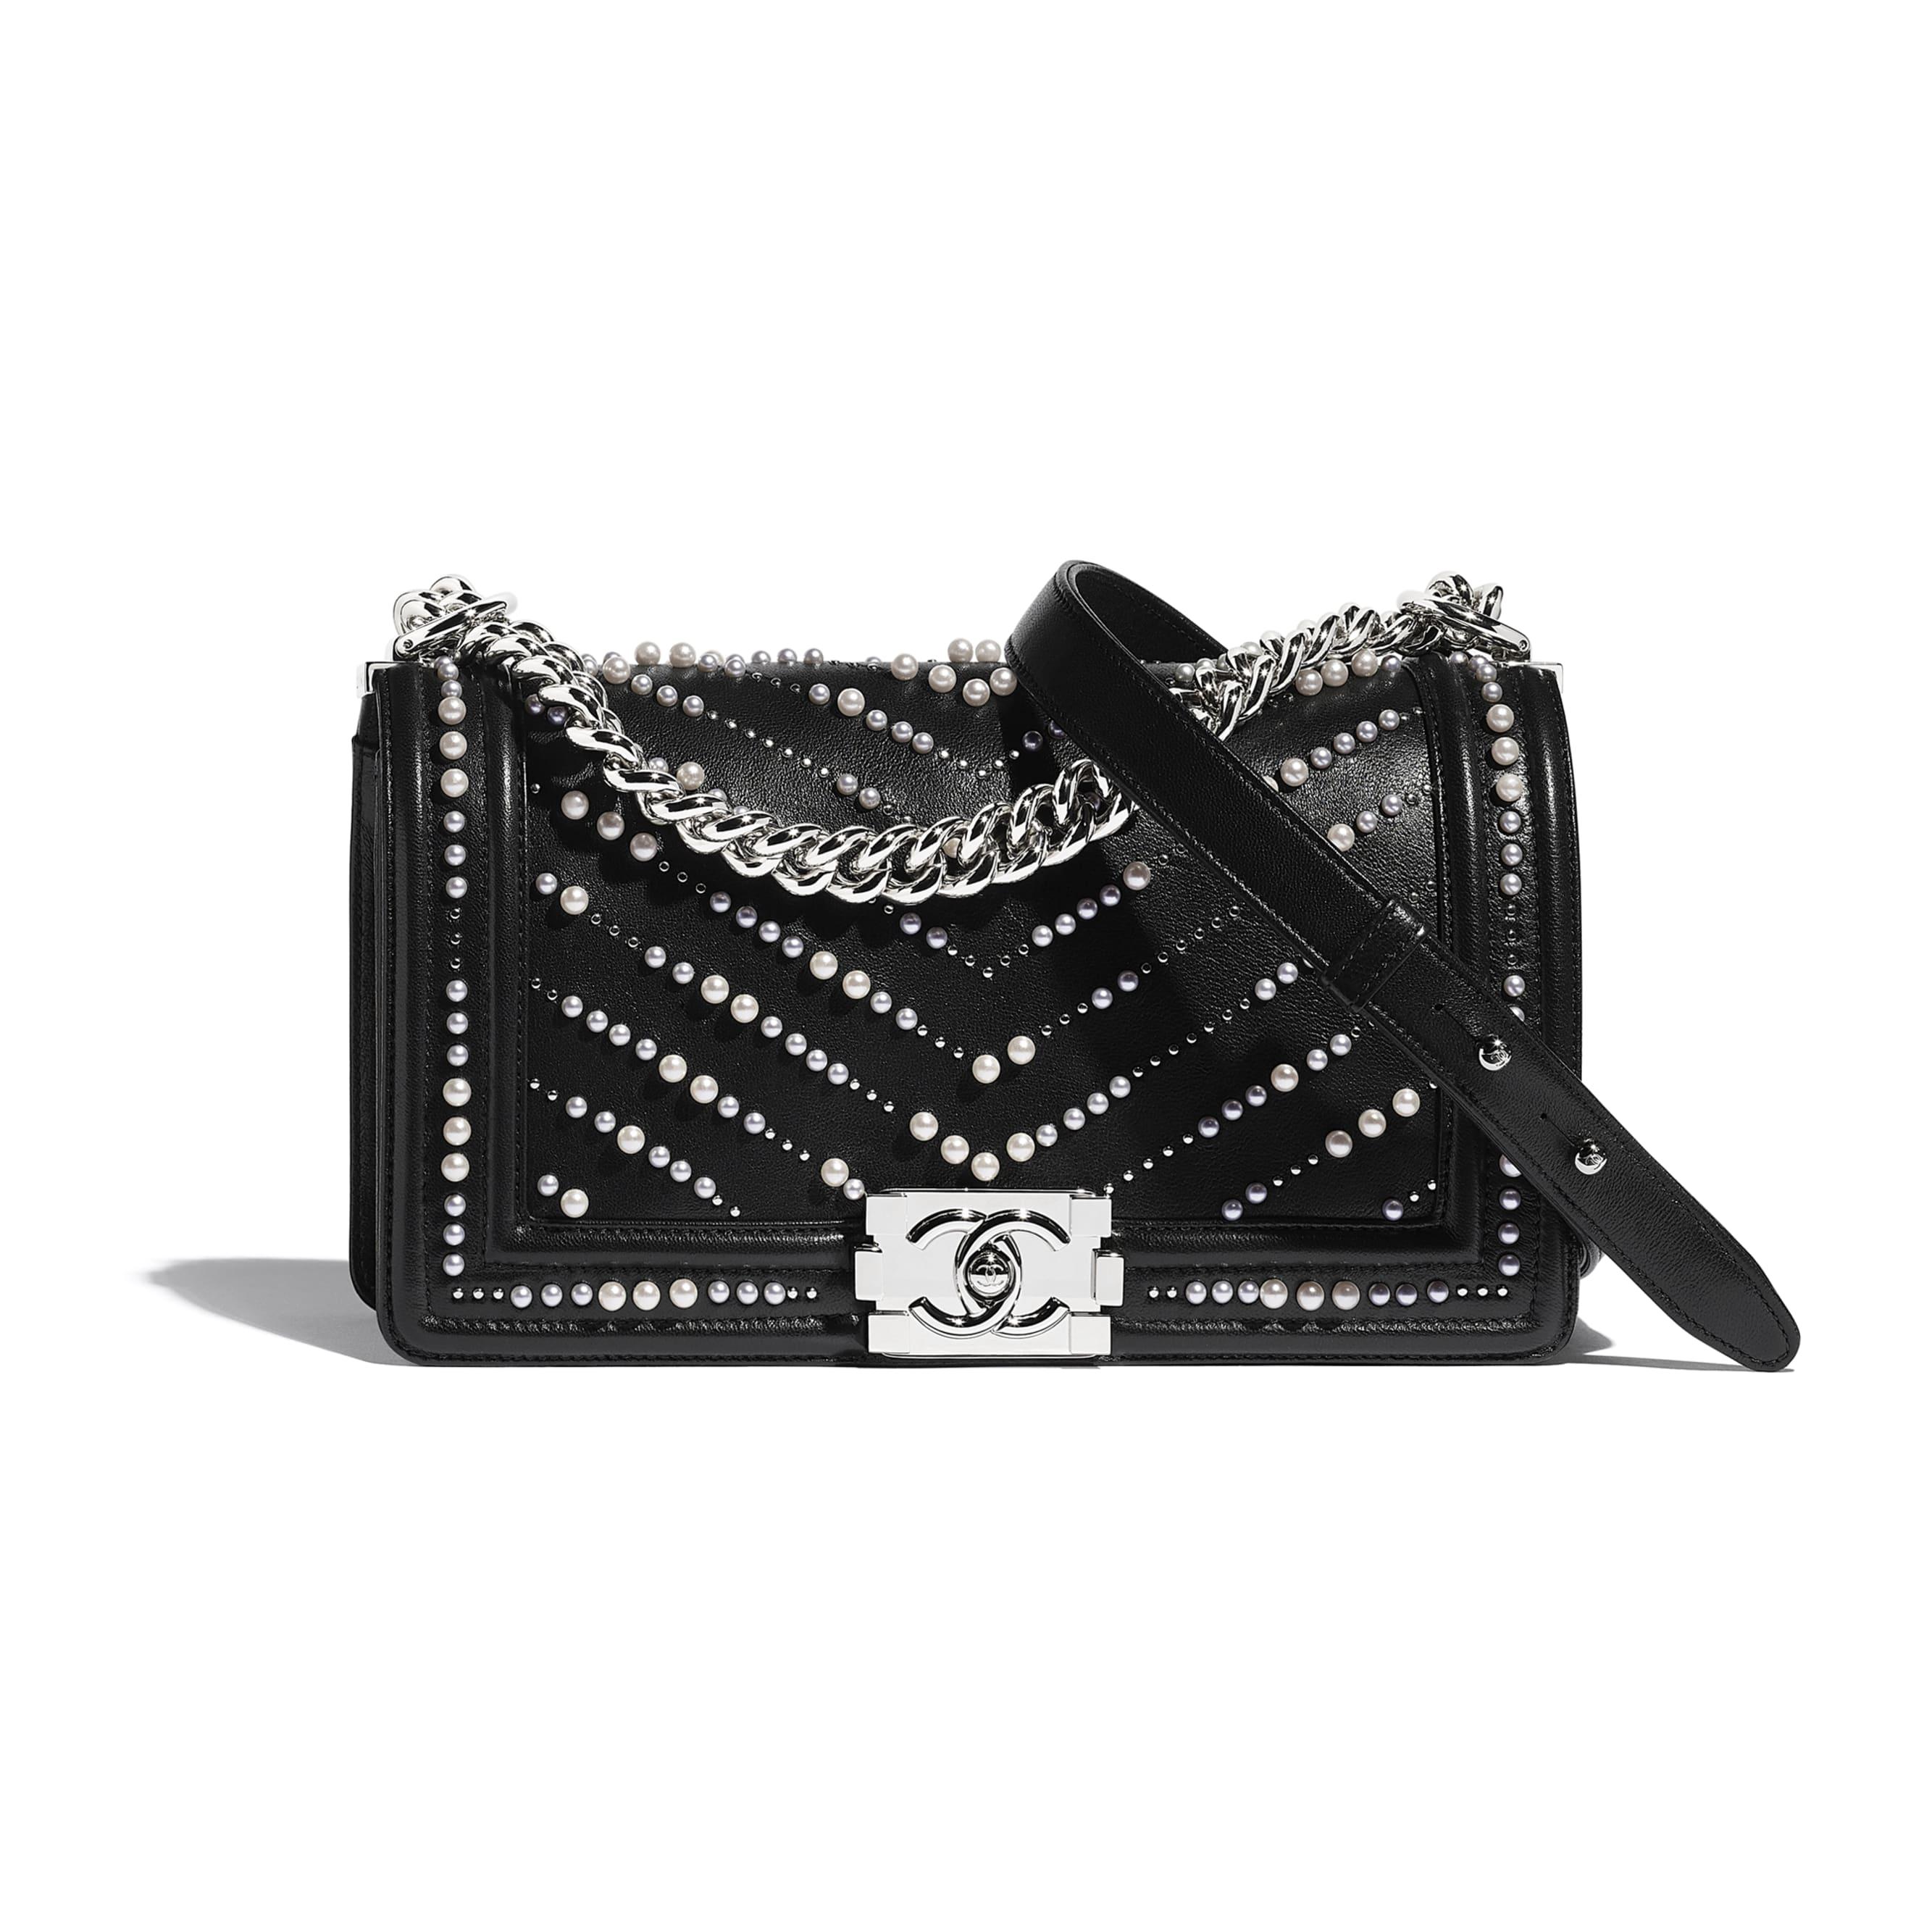 BOY CHANEL手袋 - 黑色 - 小牛皮、仿珍珠及銀色金屬 - CHANEL - 預設視圖 - 查看標準尺寸版本